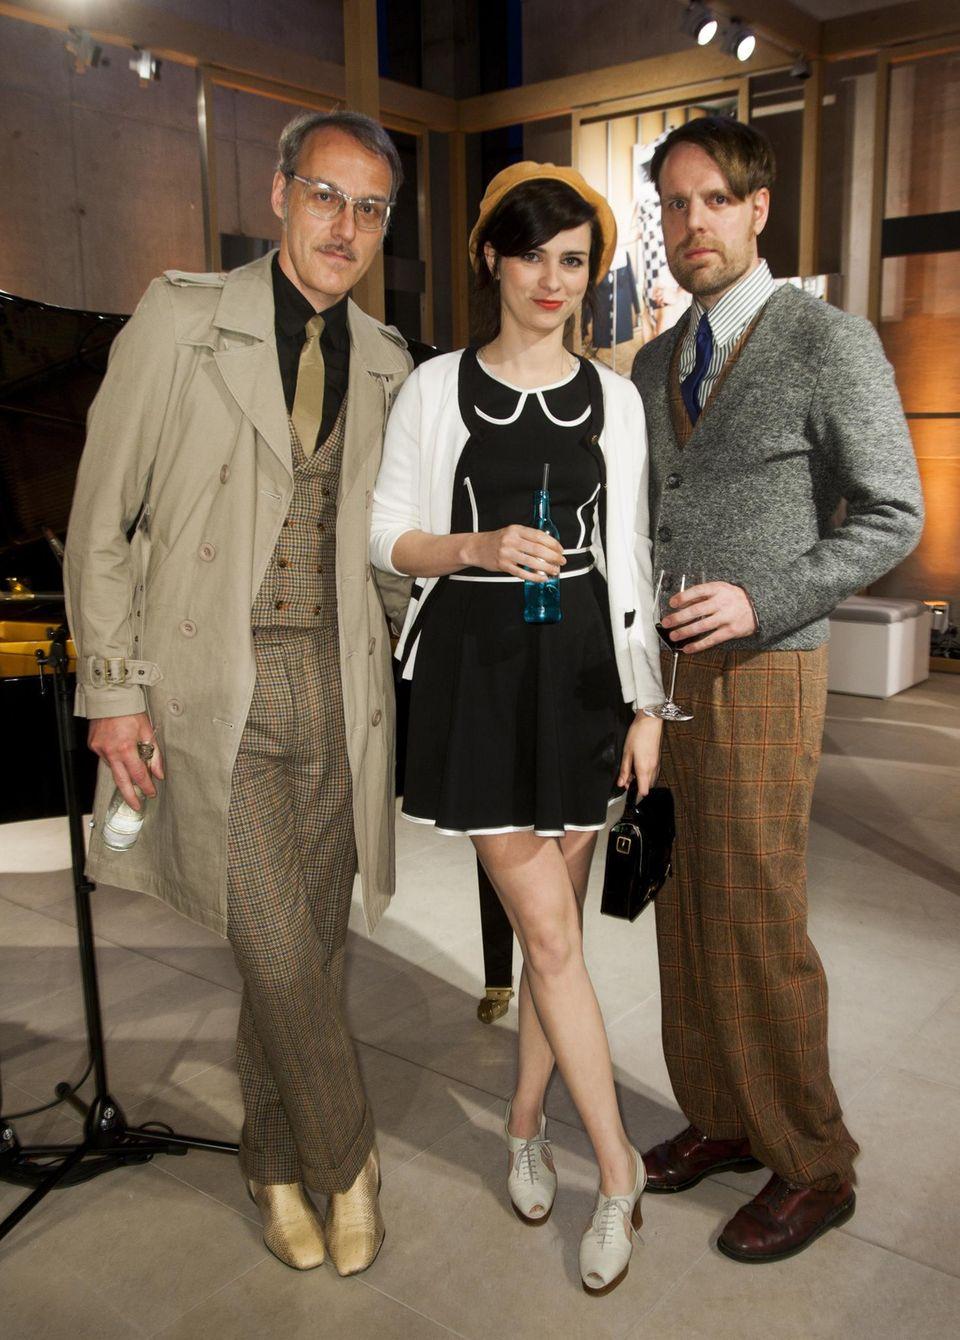 Erst vor eineinhalb Jahren gründete Nora Tschirner, die seit einem Jahr Mutter ist, zusammen mit Erik Lautenschläger (r.) und Tom Krimi die Chanson-Popband Prag.